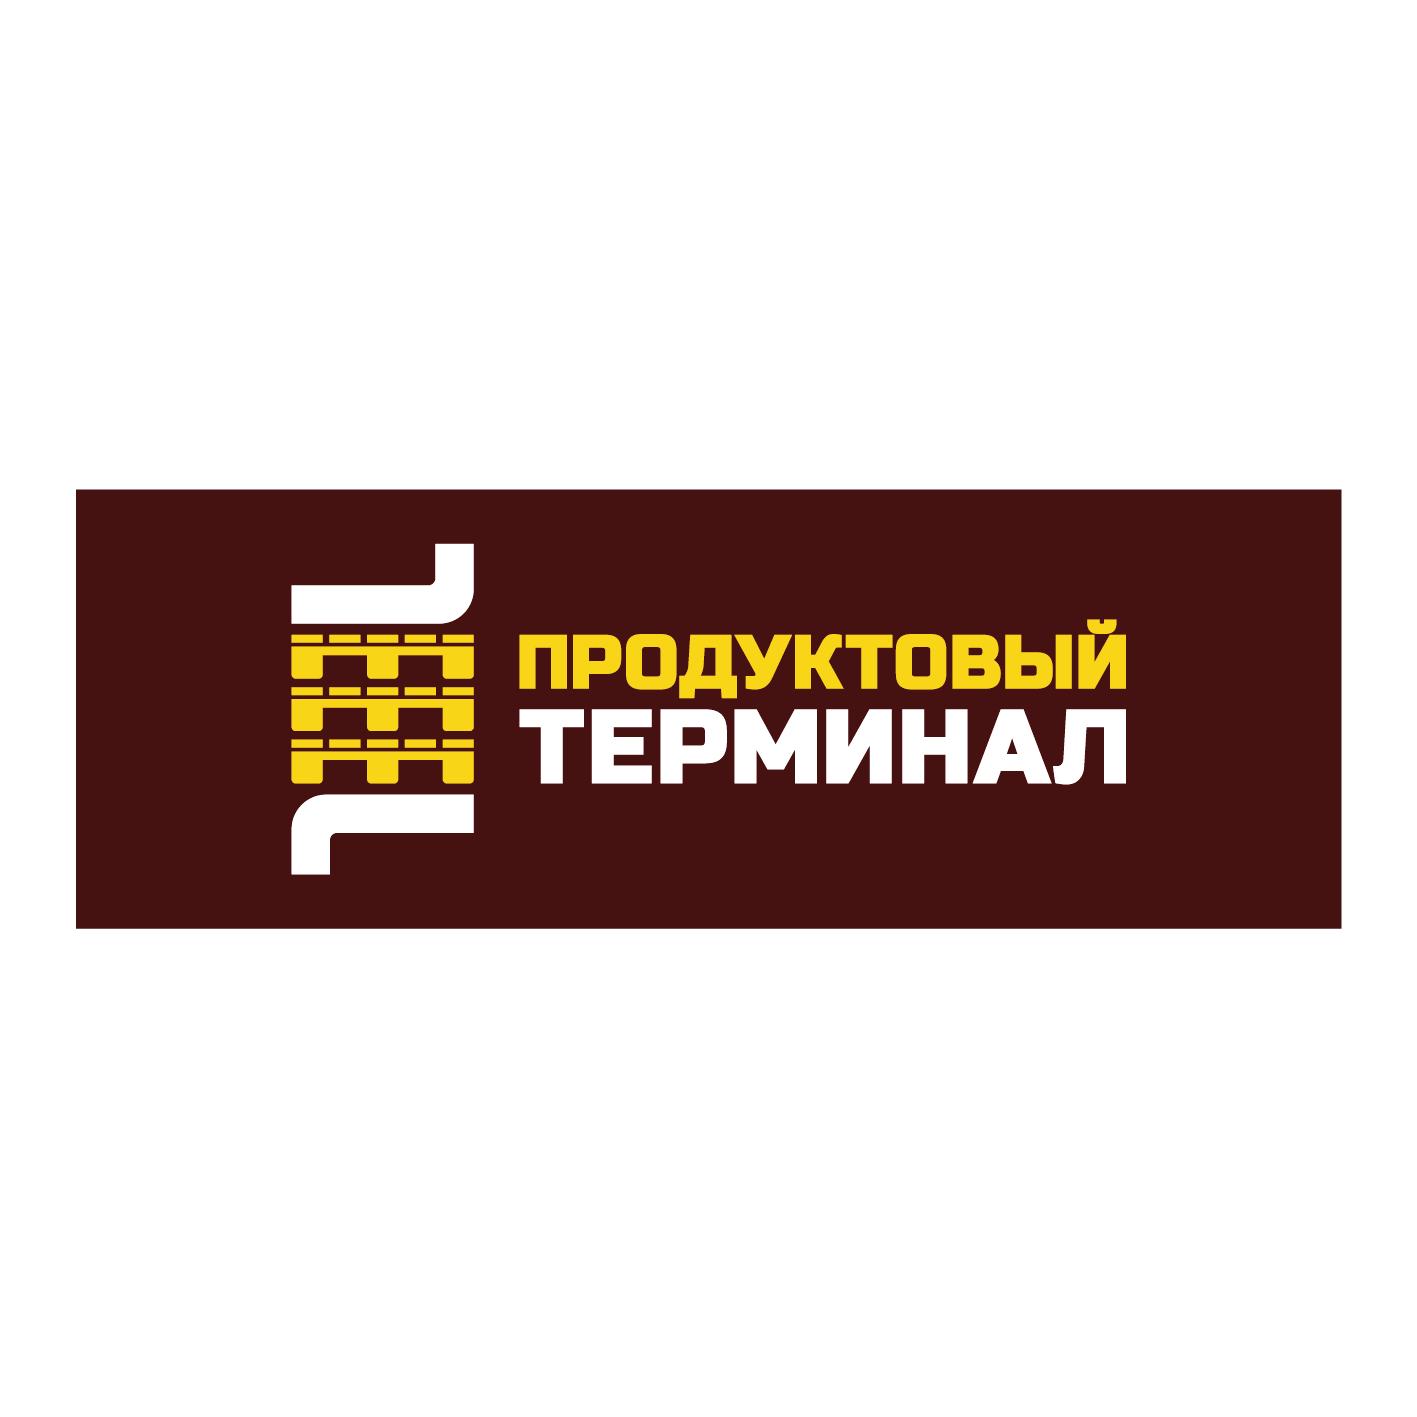 Логотип для сети продуктовых магазинов фото f_62456f932701916f.png